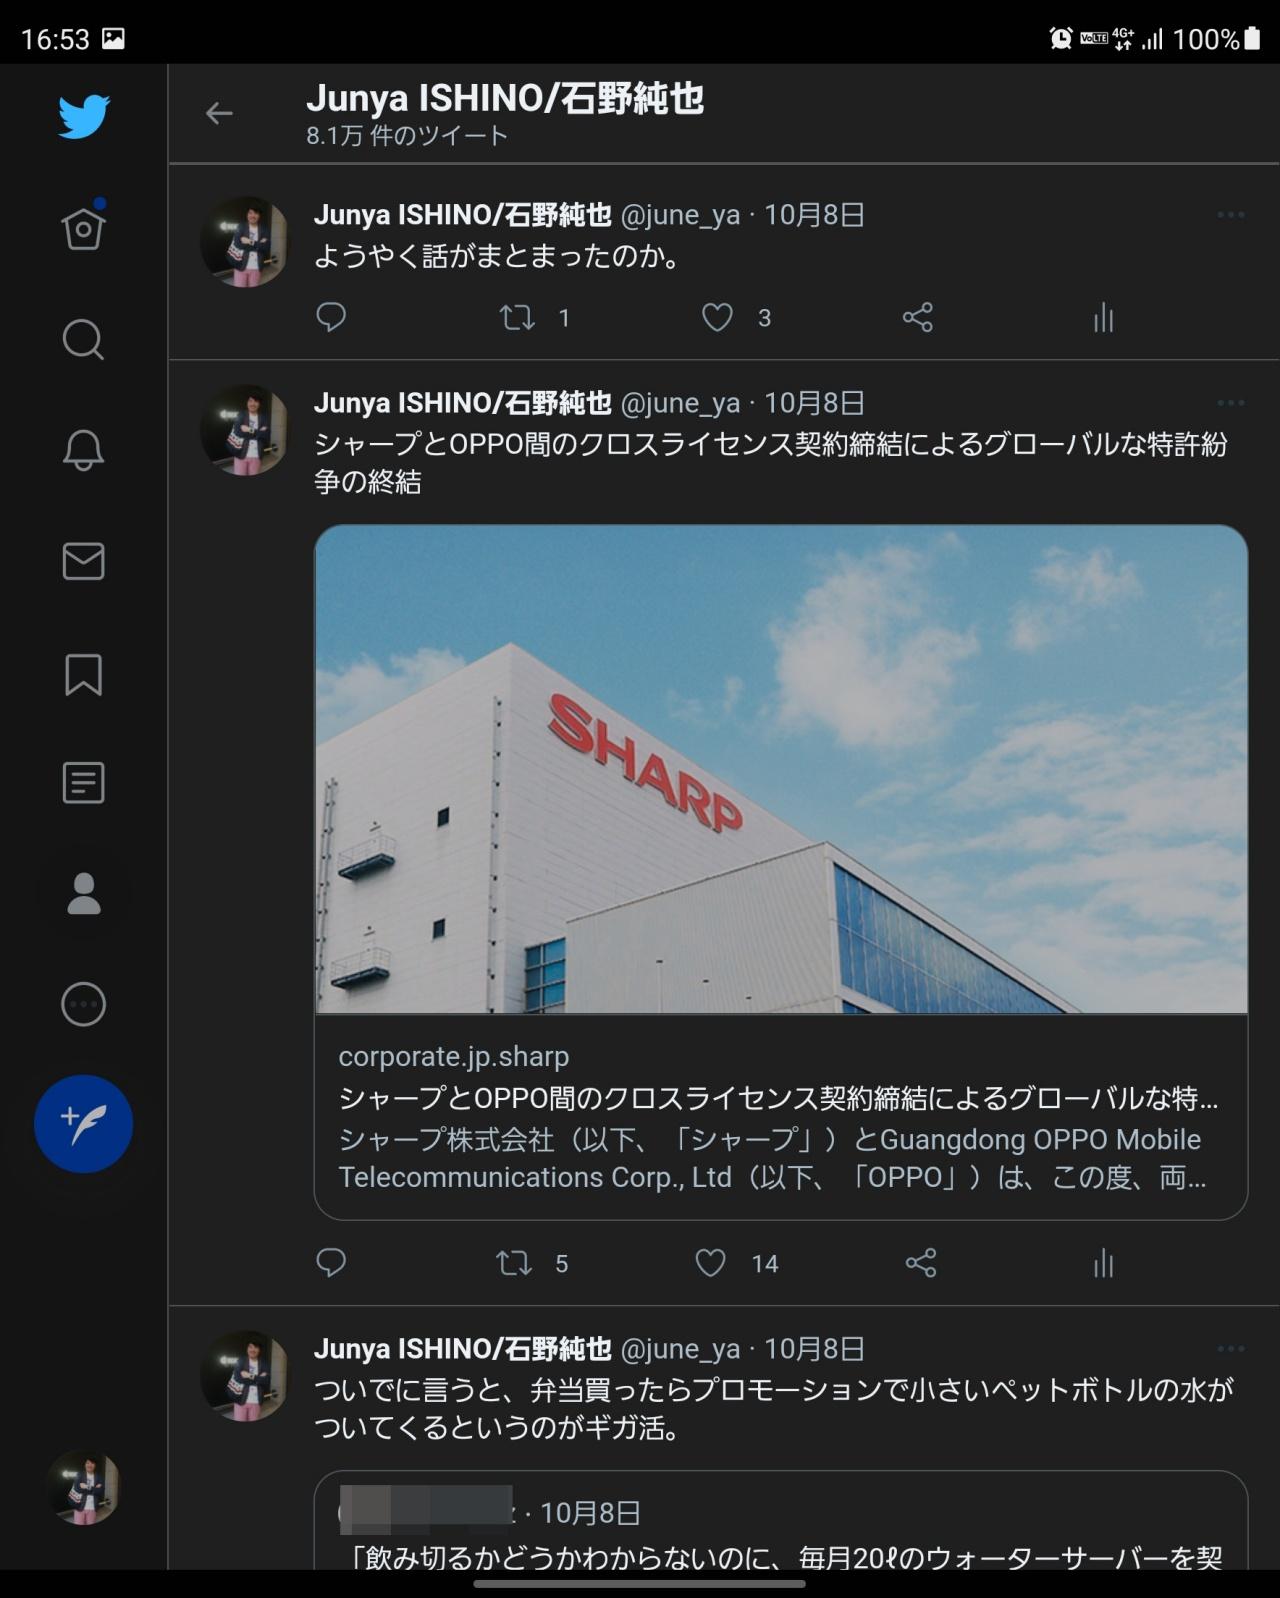 Galaxy Z Fold3 5G Junya Ishino